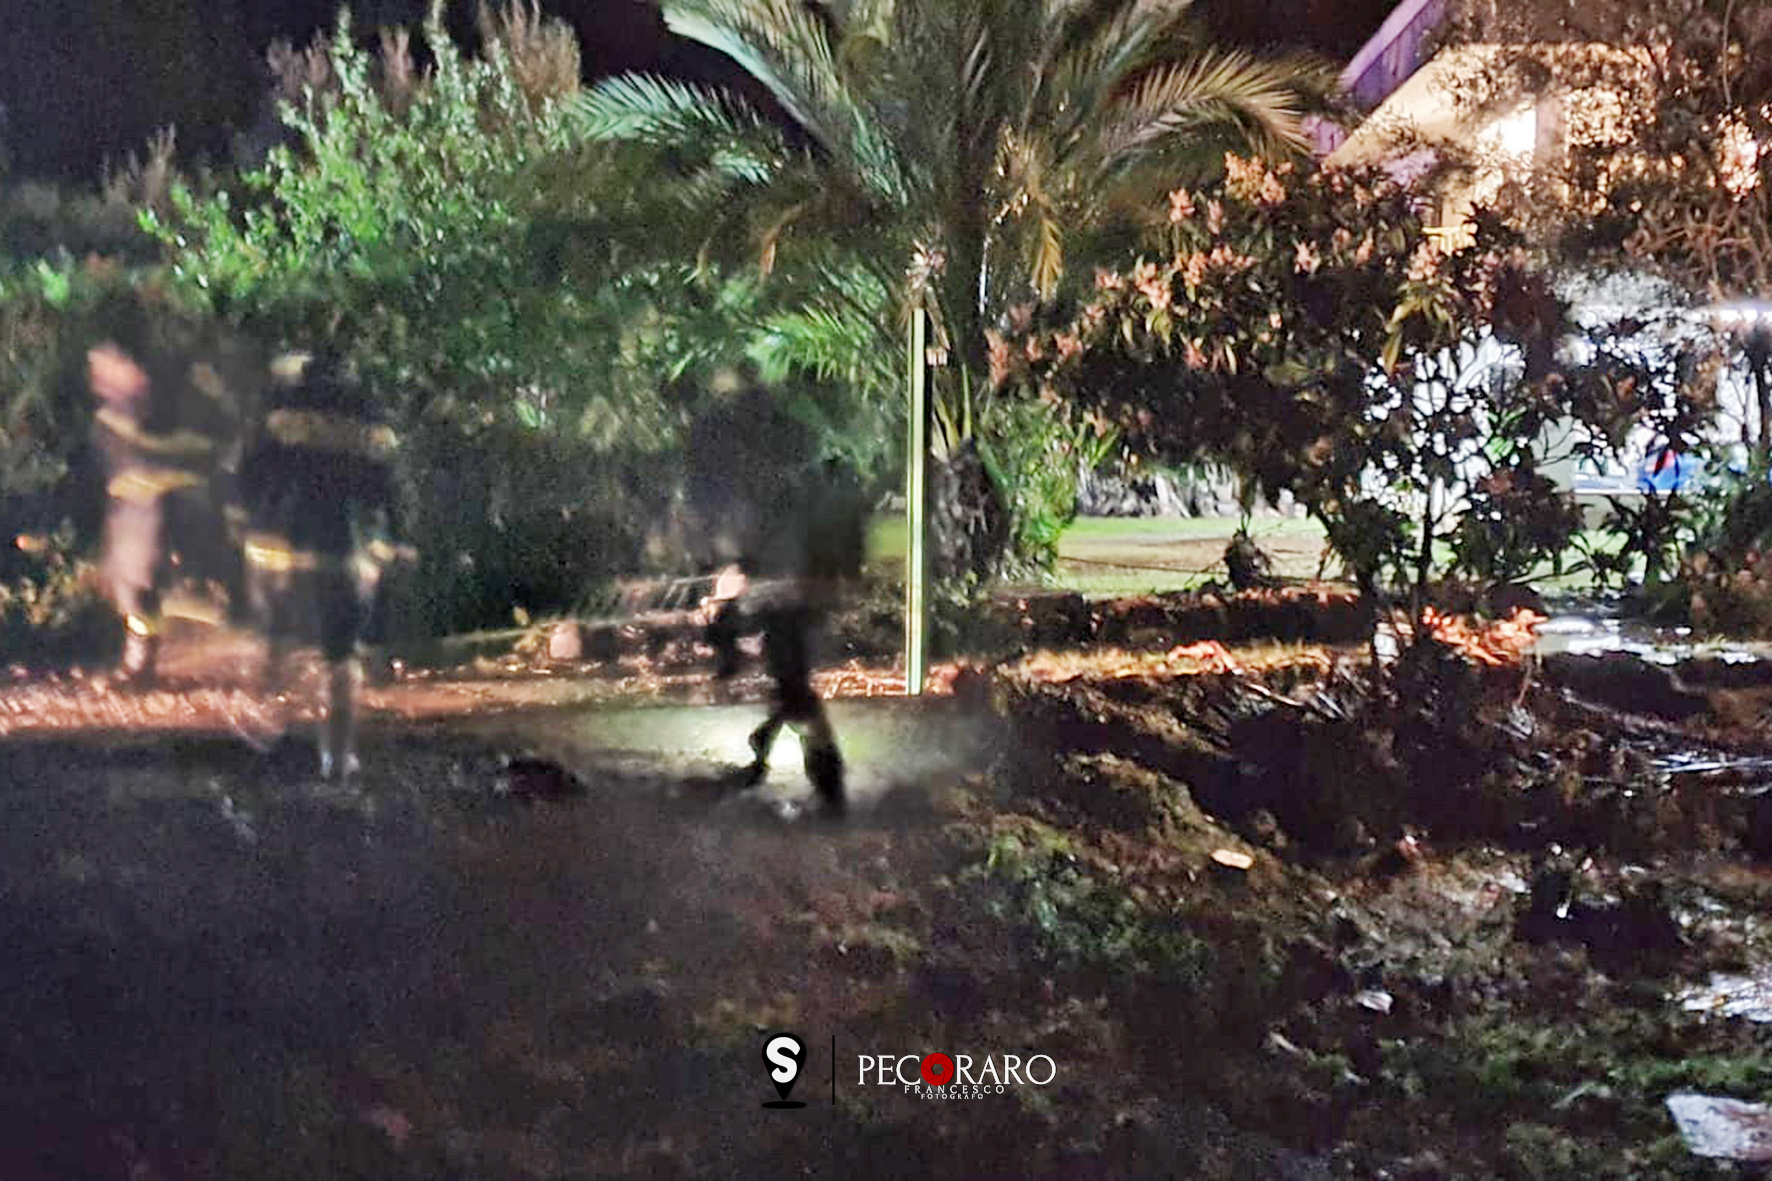 sal - 17 11 2020 Policastro (SA) Maltempo foto Tanopress